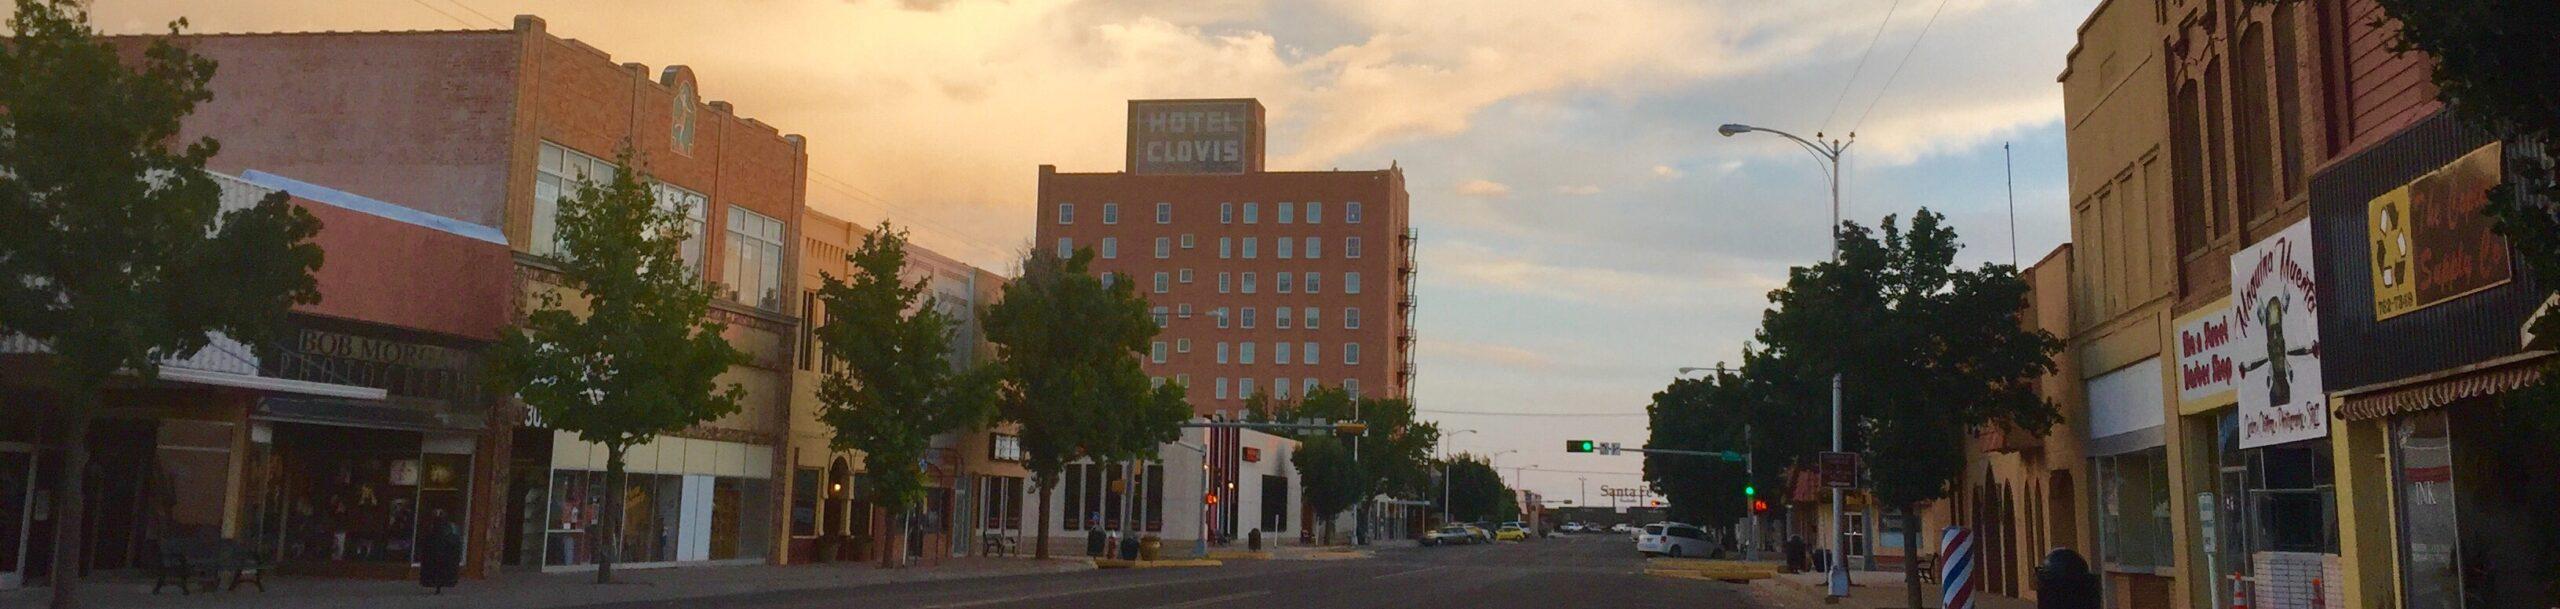 Clovis, Nouveau-Mexique